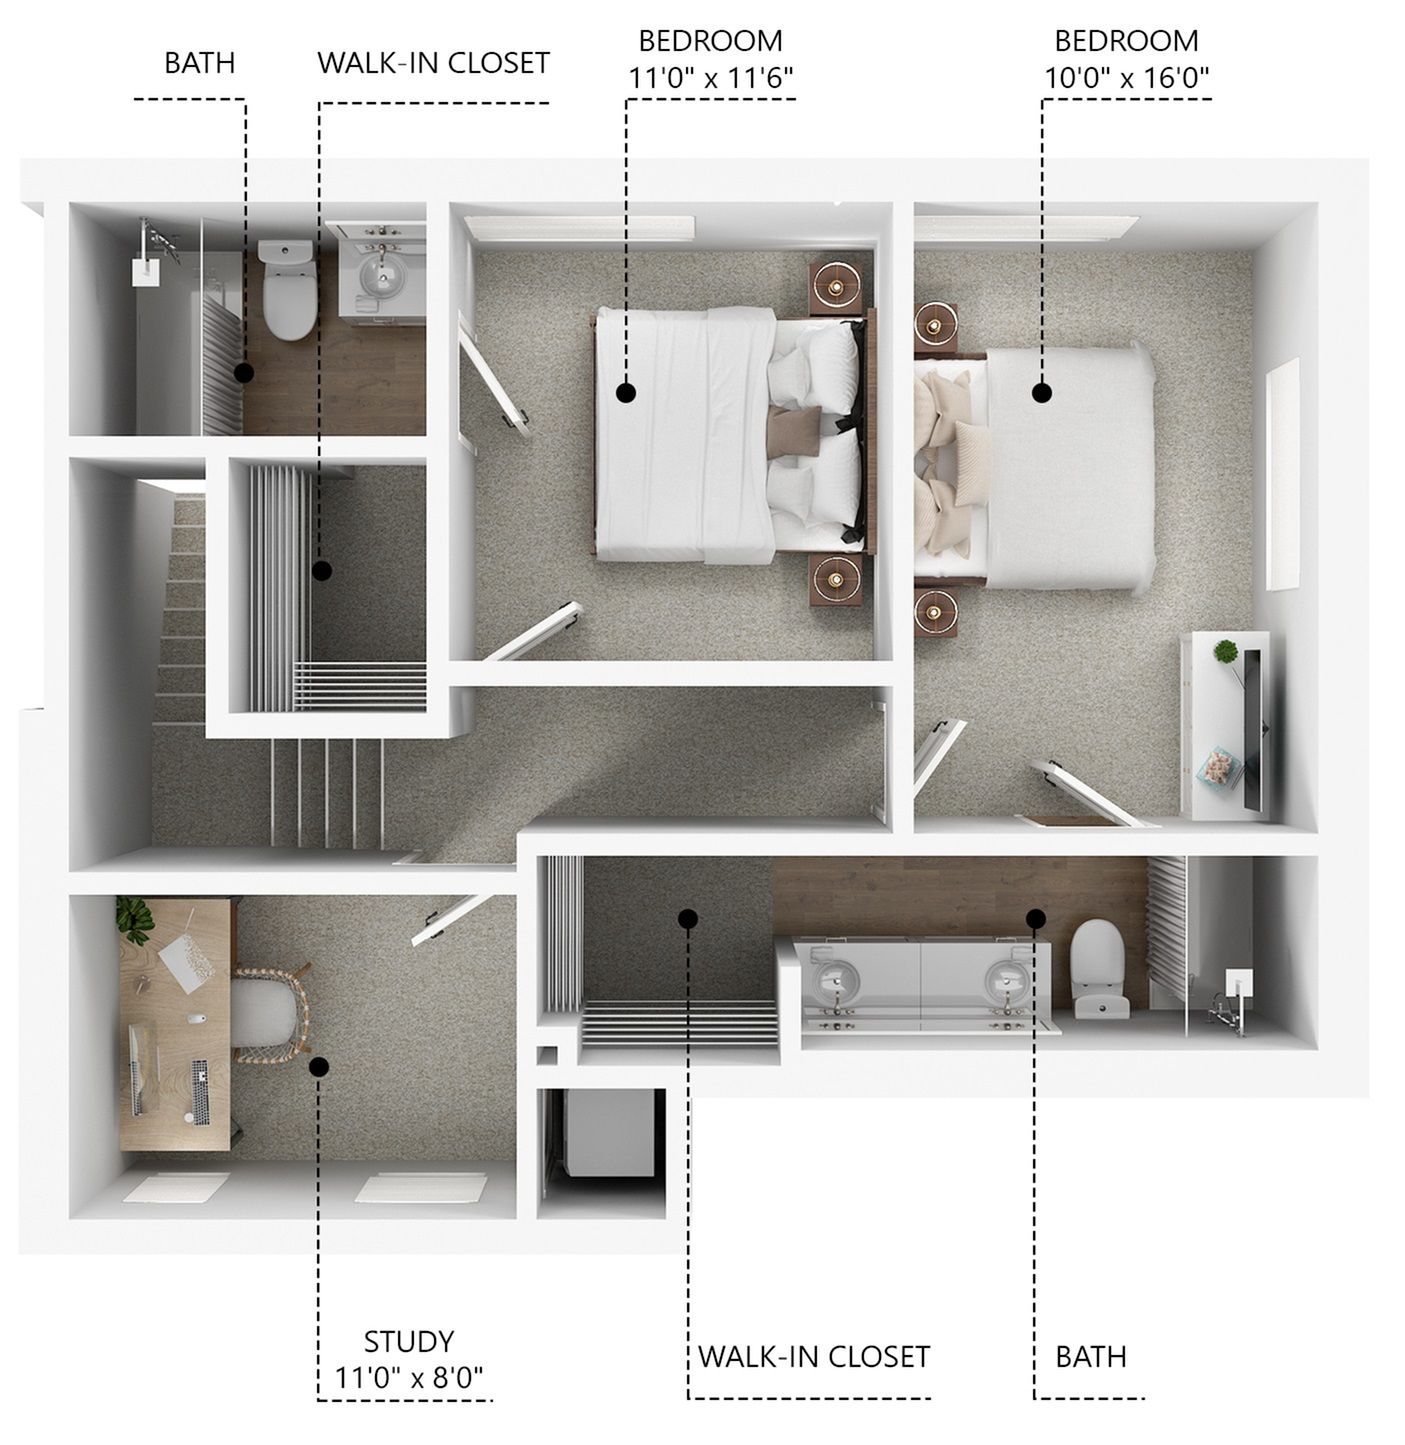 C20 - 3rd Floor